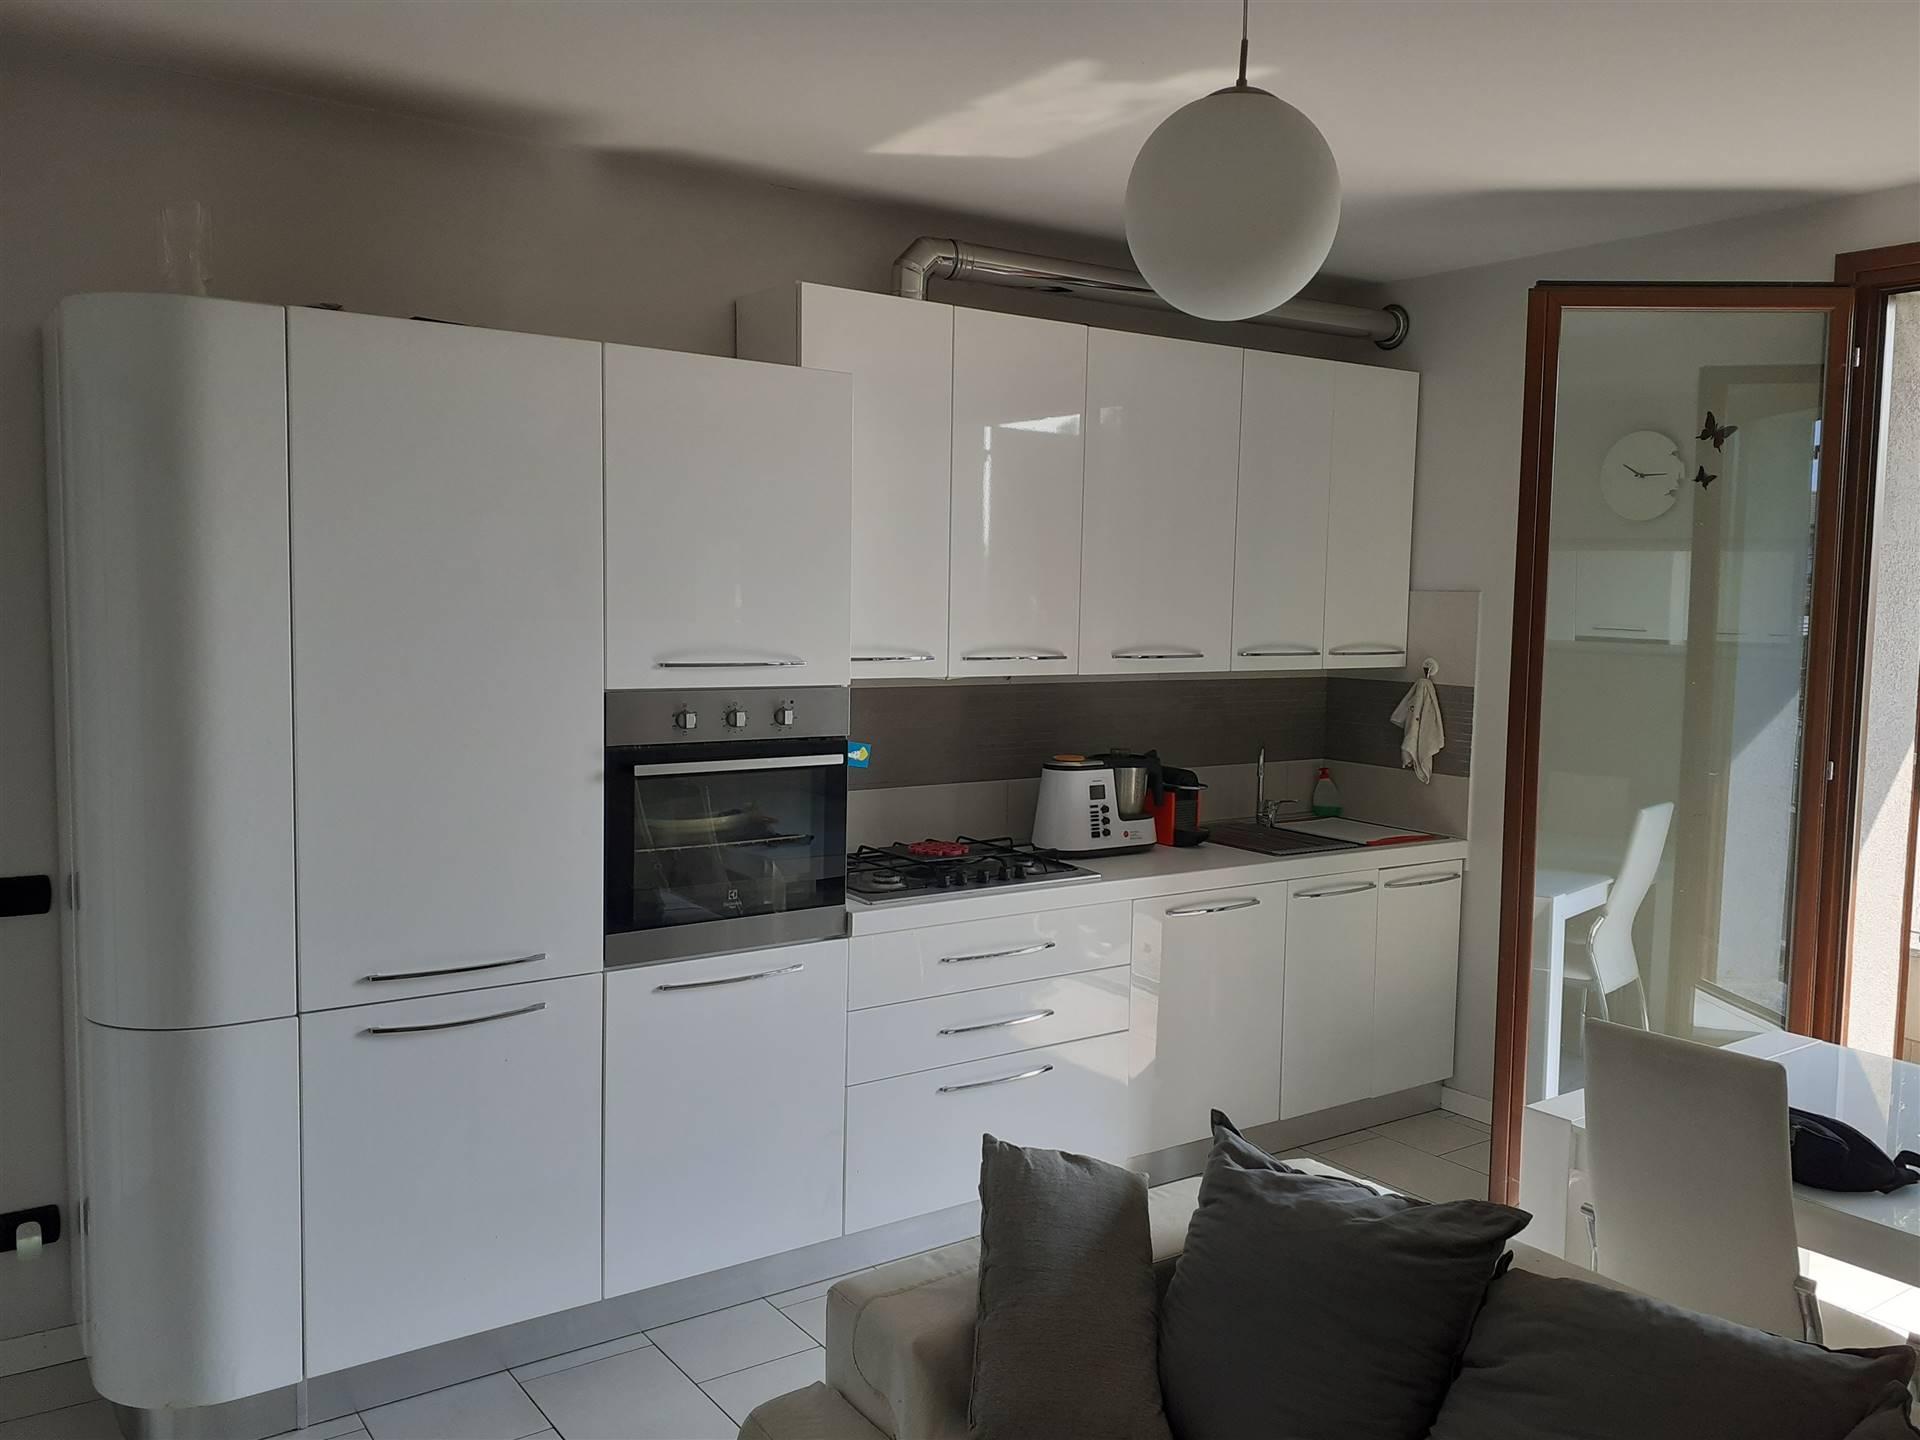 CAMBIAGO, Appartamento in affitto di 90 Mq, Classe energetica: A+, posto al piano 1°, composto da: 3 Vani, Angolo cottura, Soggiorno singolo, 2